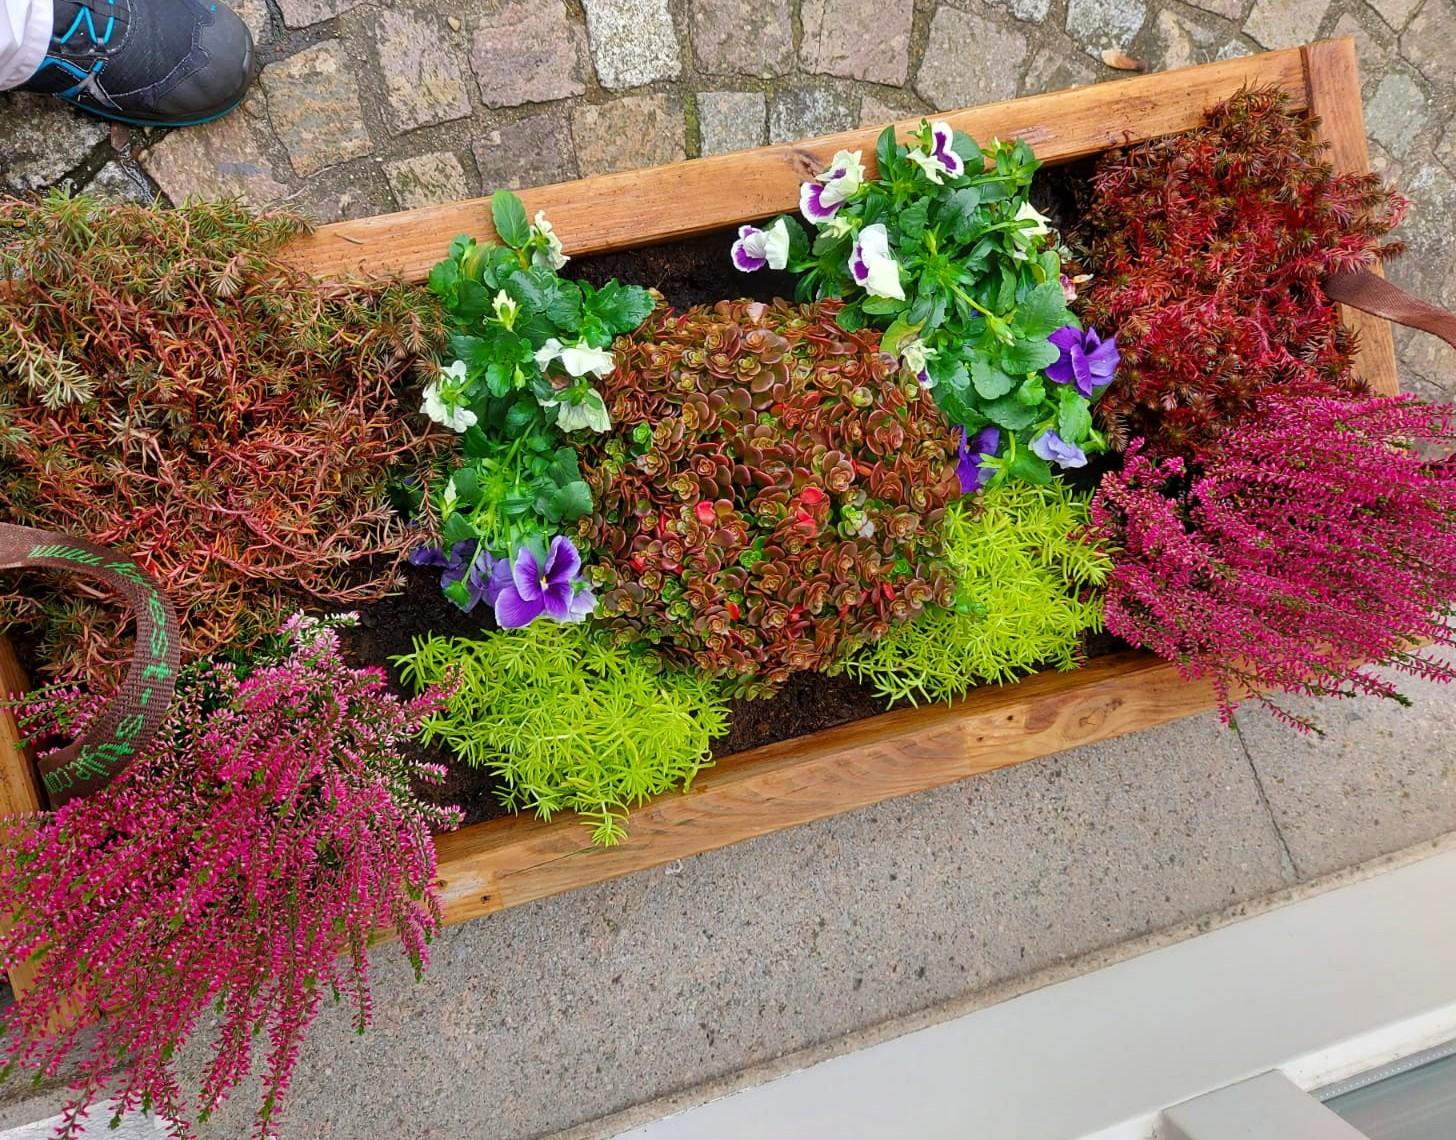 Neuer Blumenkasten im Stephanus-Haus. Gemeinsam von der Tagespflege bepflanzt